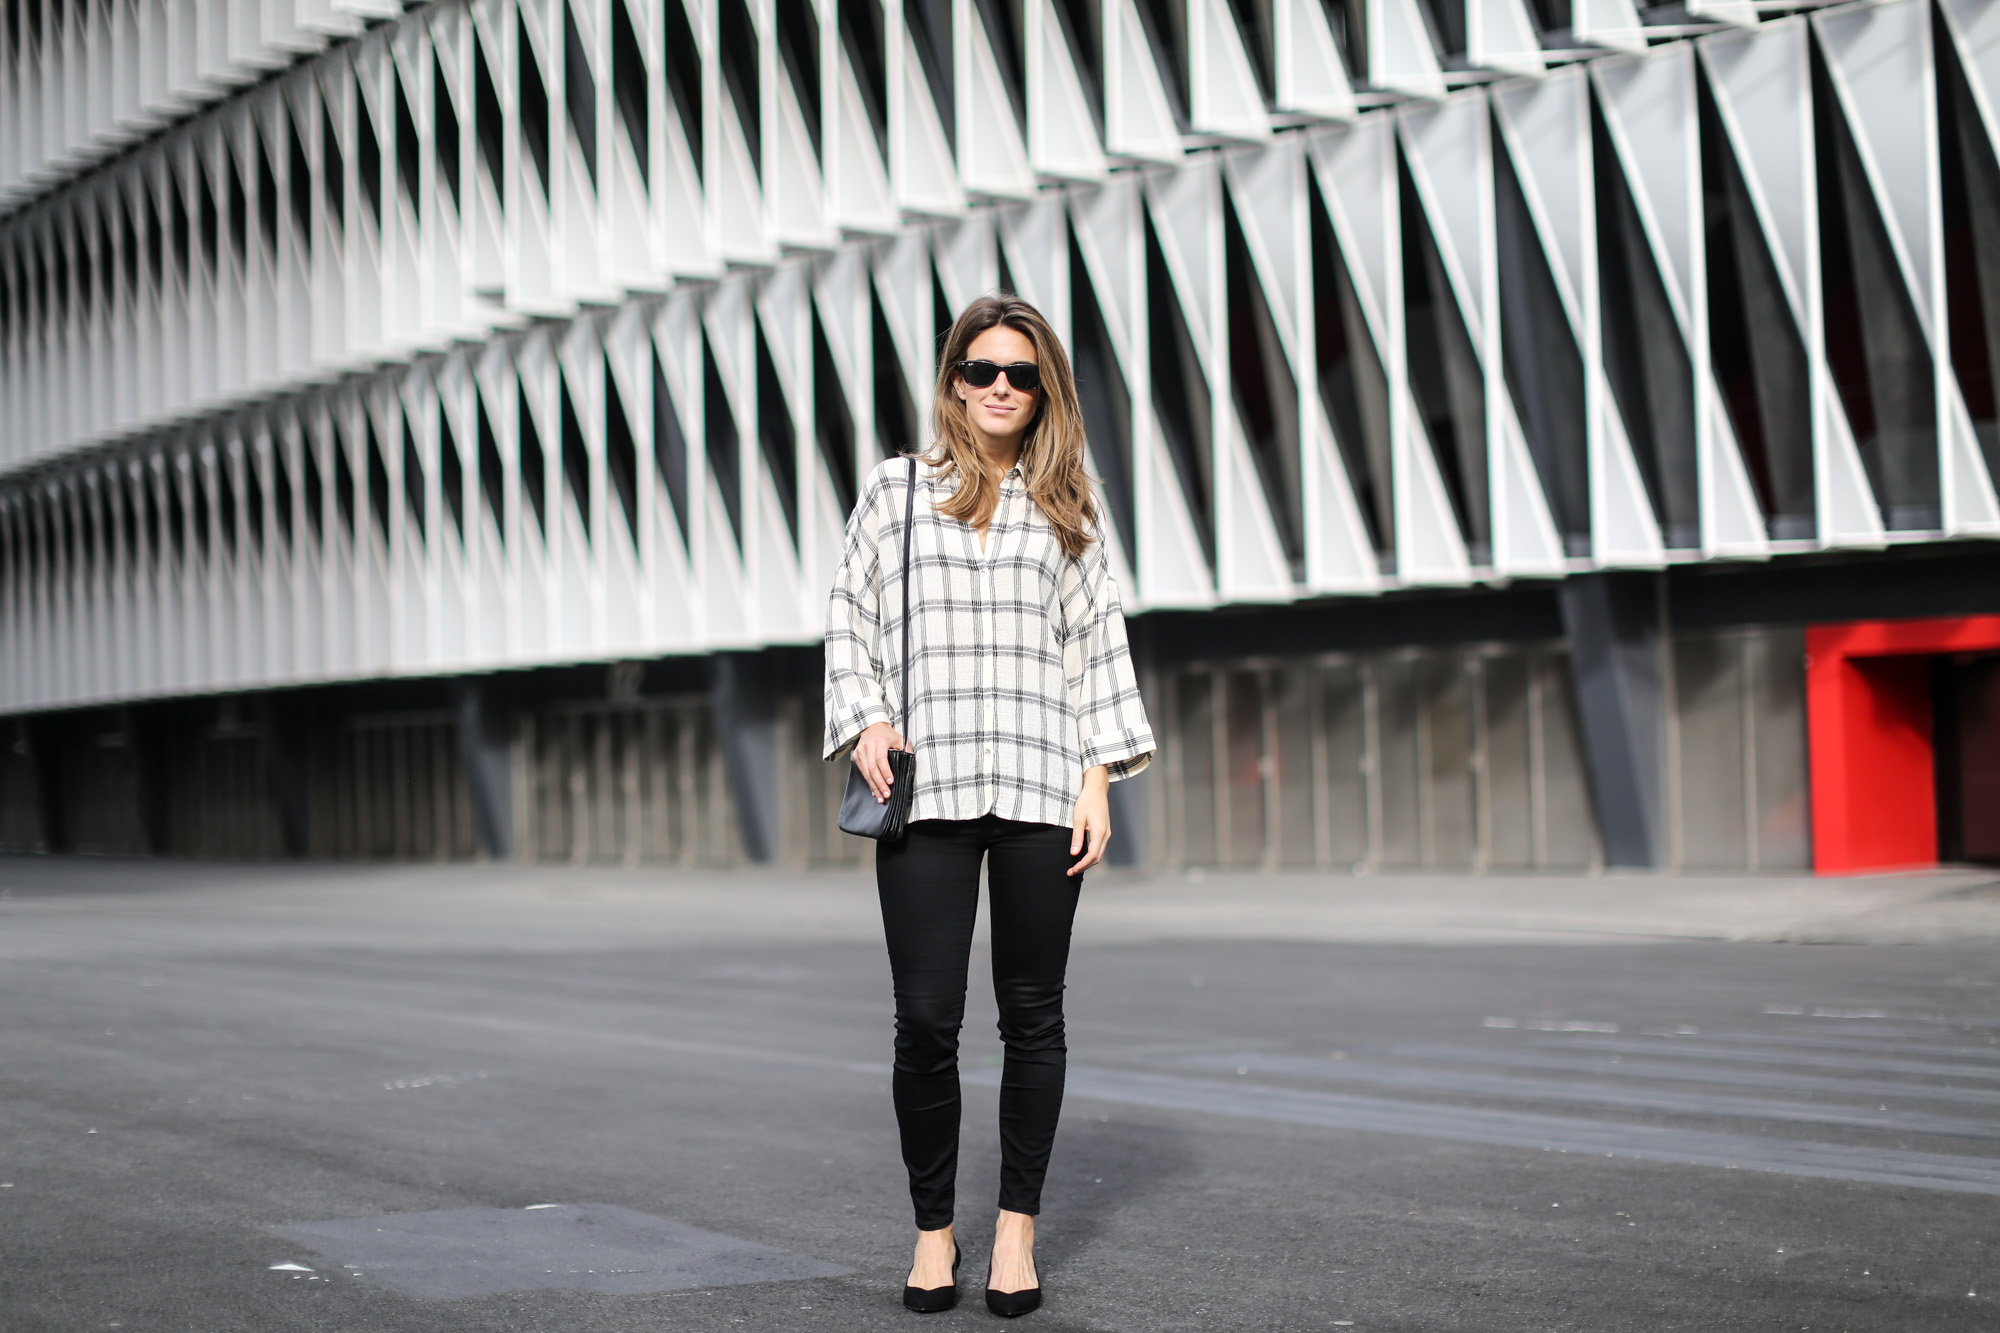 Clochet-streetstyle-isabel-marant-etoile-parka-highwaisted-jeans-kitten-heels-6